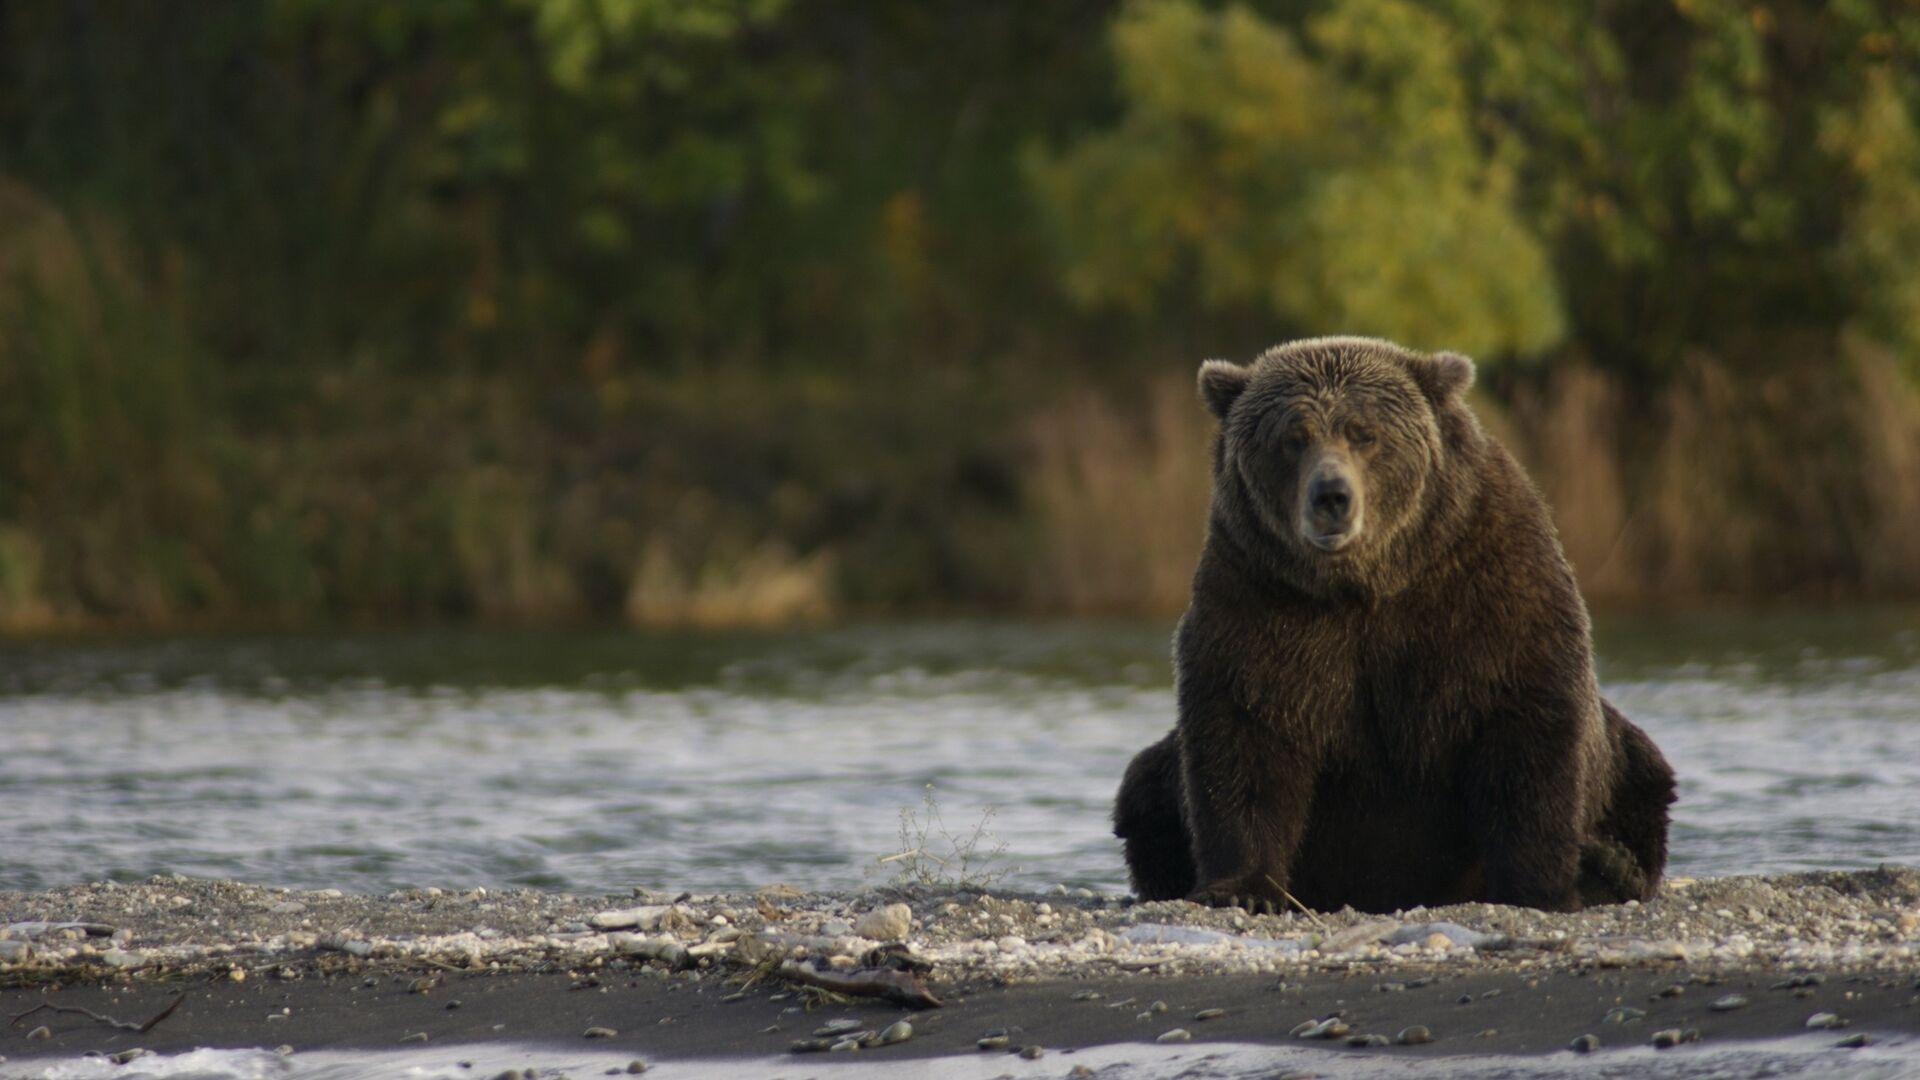 Un oso pardo (imagen referencial) - Sputnik Mundo, 1920, 17.09.2021